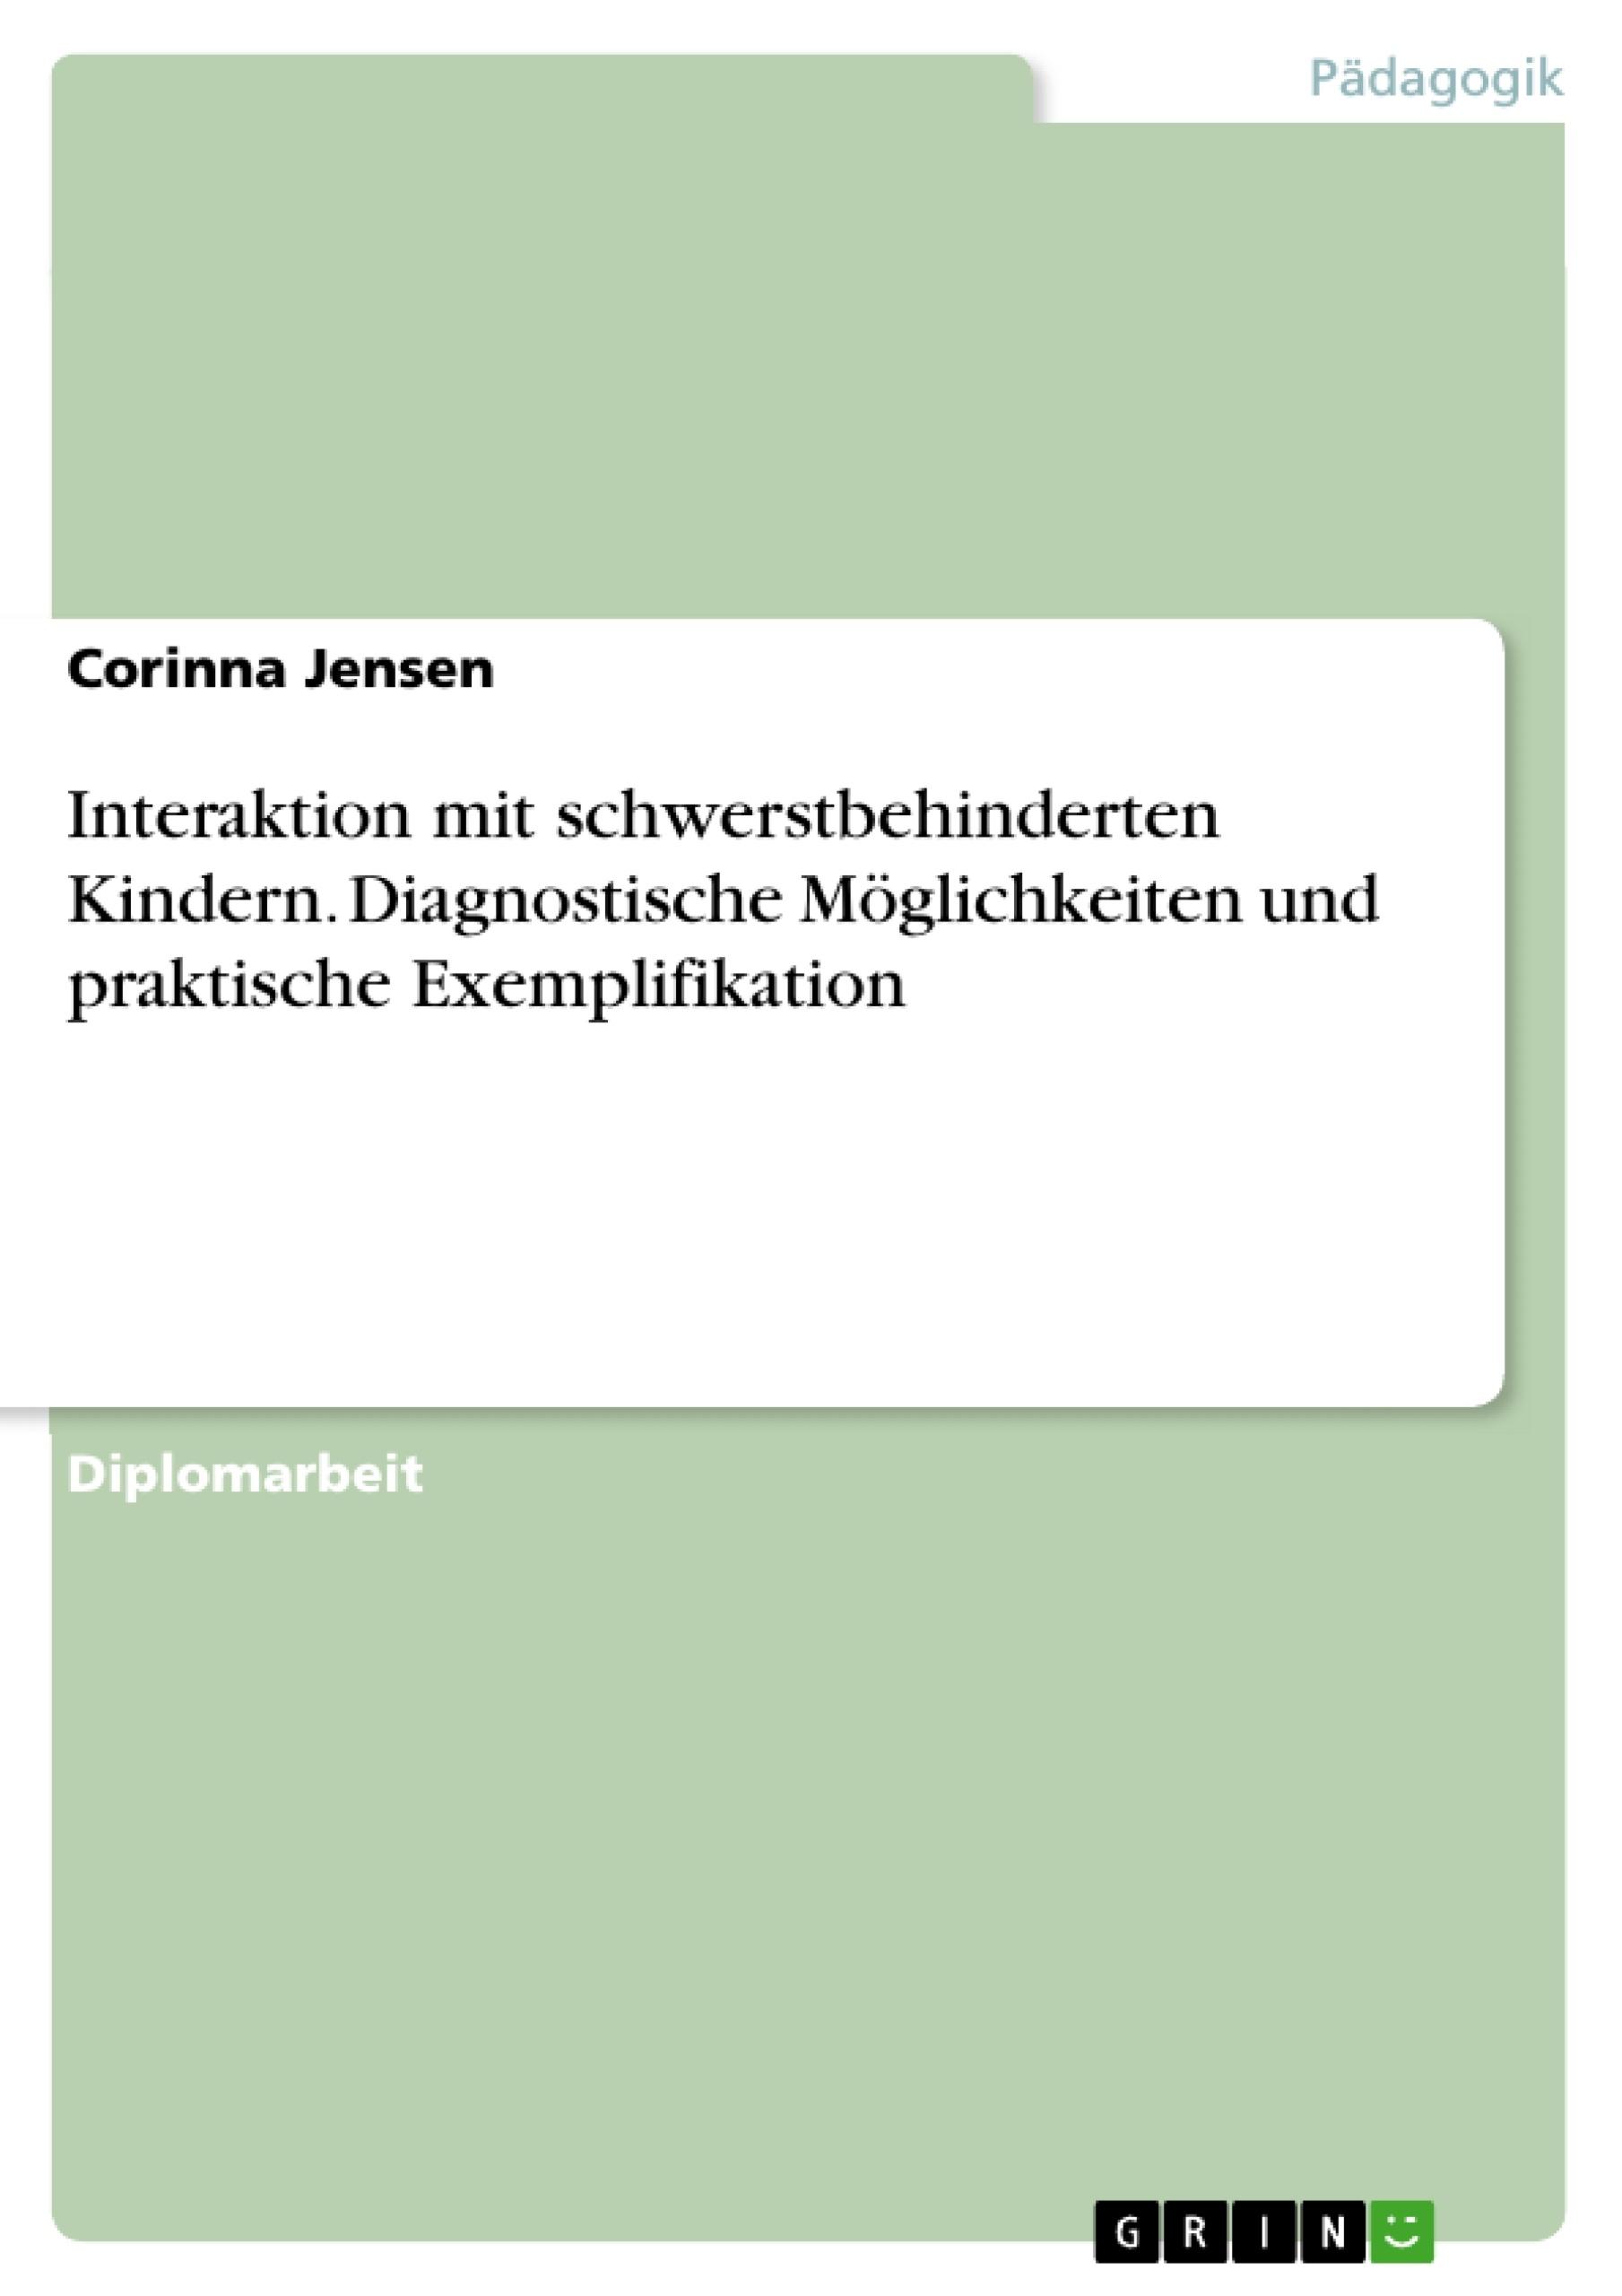 Titel: Interaktion mit schwerstbehinderten Kindern. Diagnostische Möglichkeiten und praktische Exemplifikation